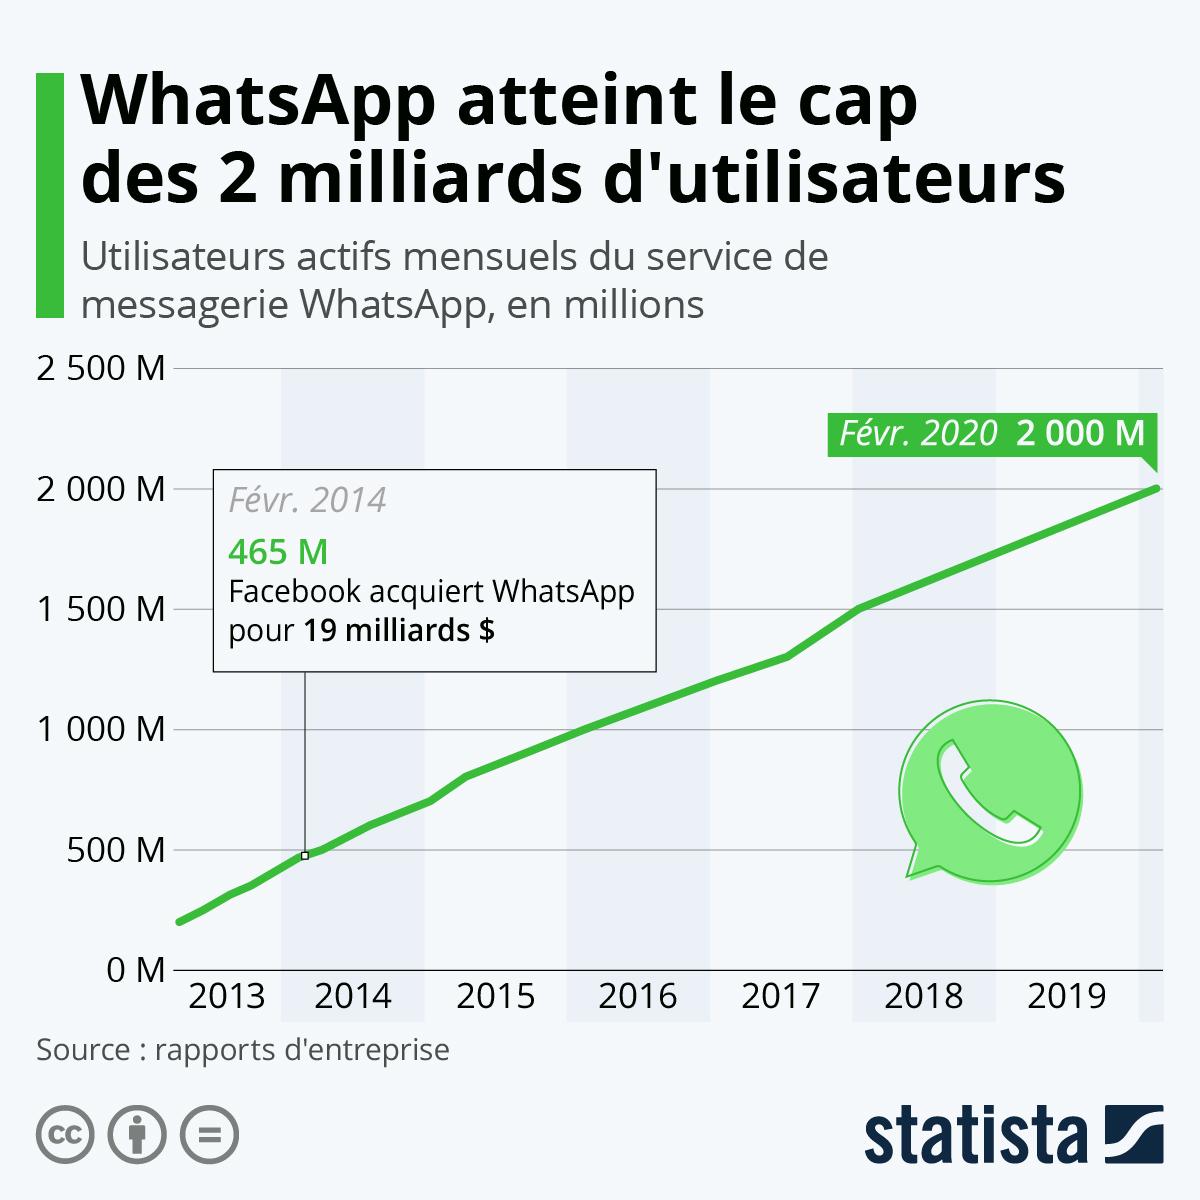 Infographie: WhatsApp atteint le cap des 2 milliards d'utilisateurs | Statista